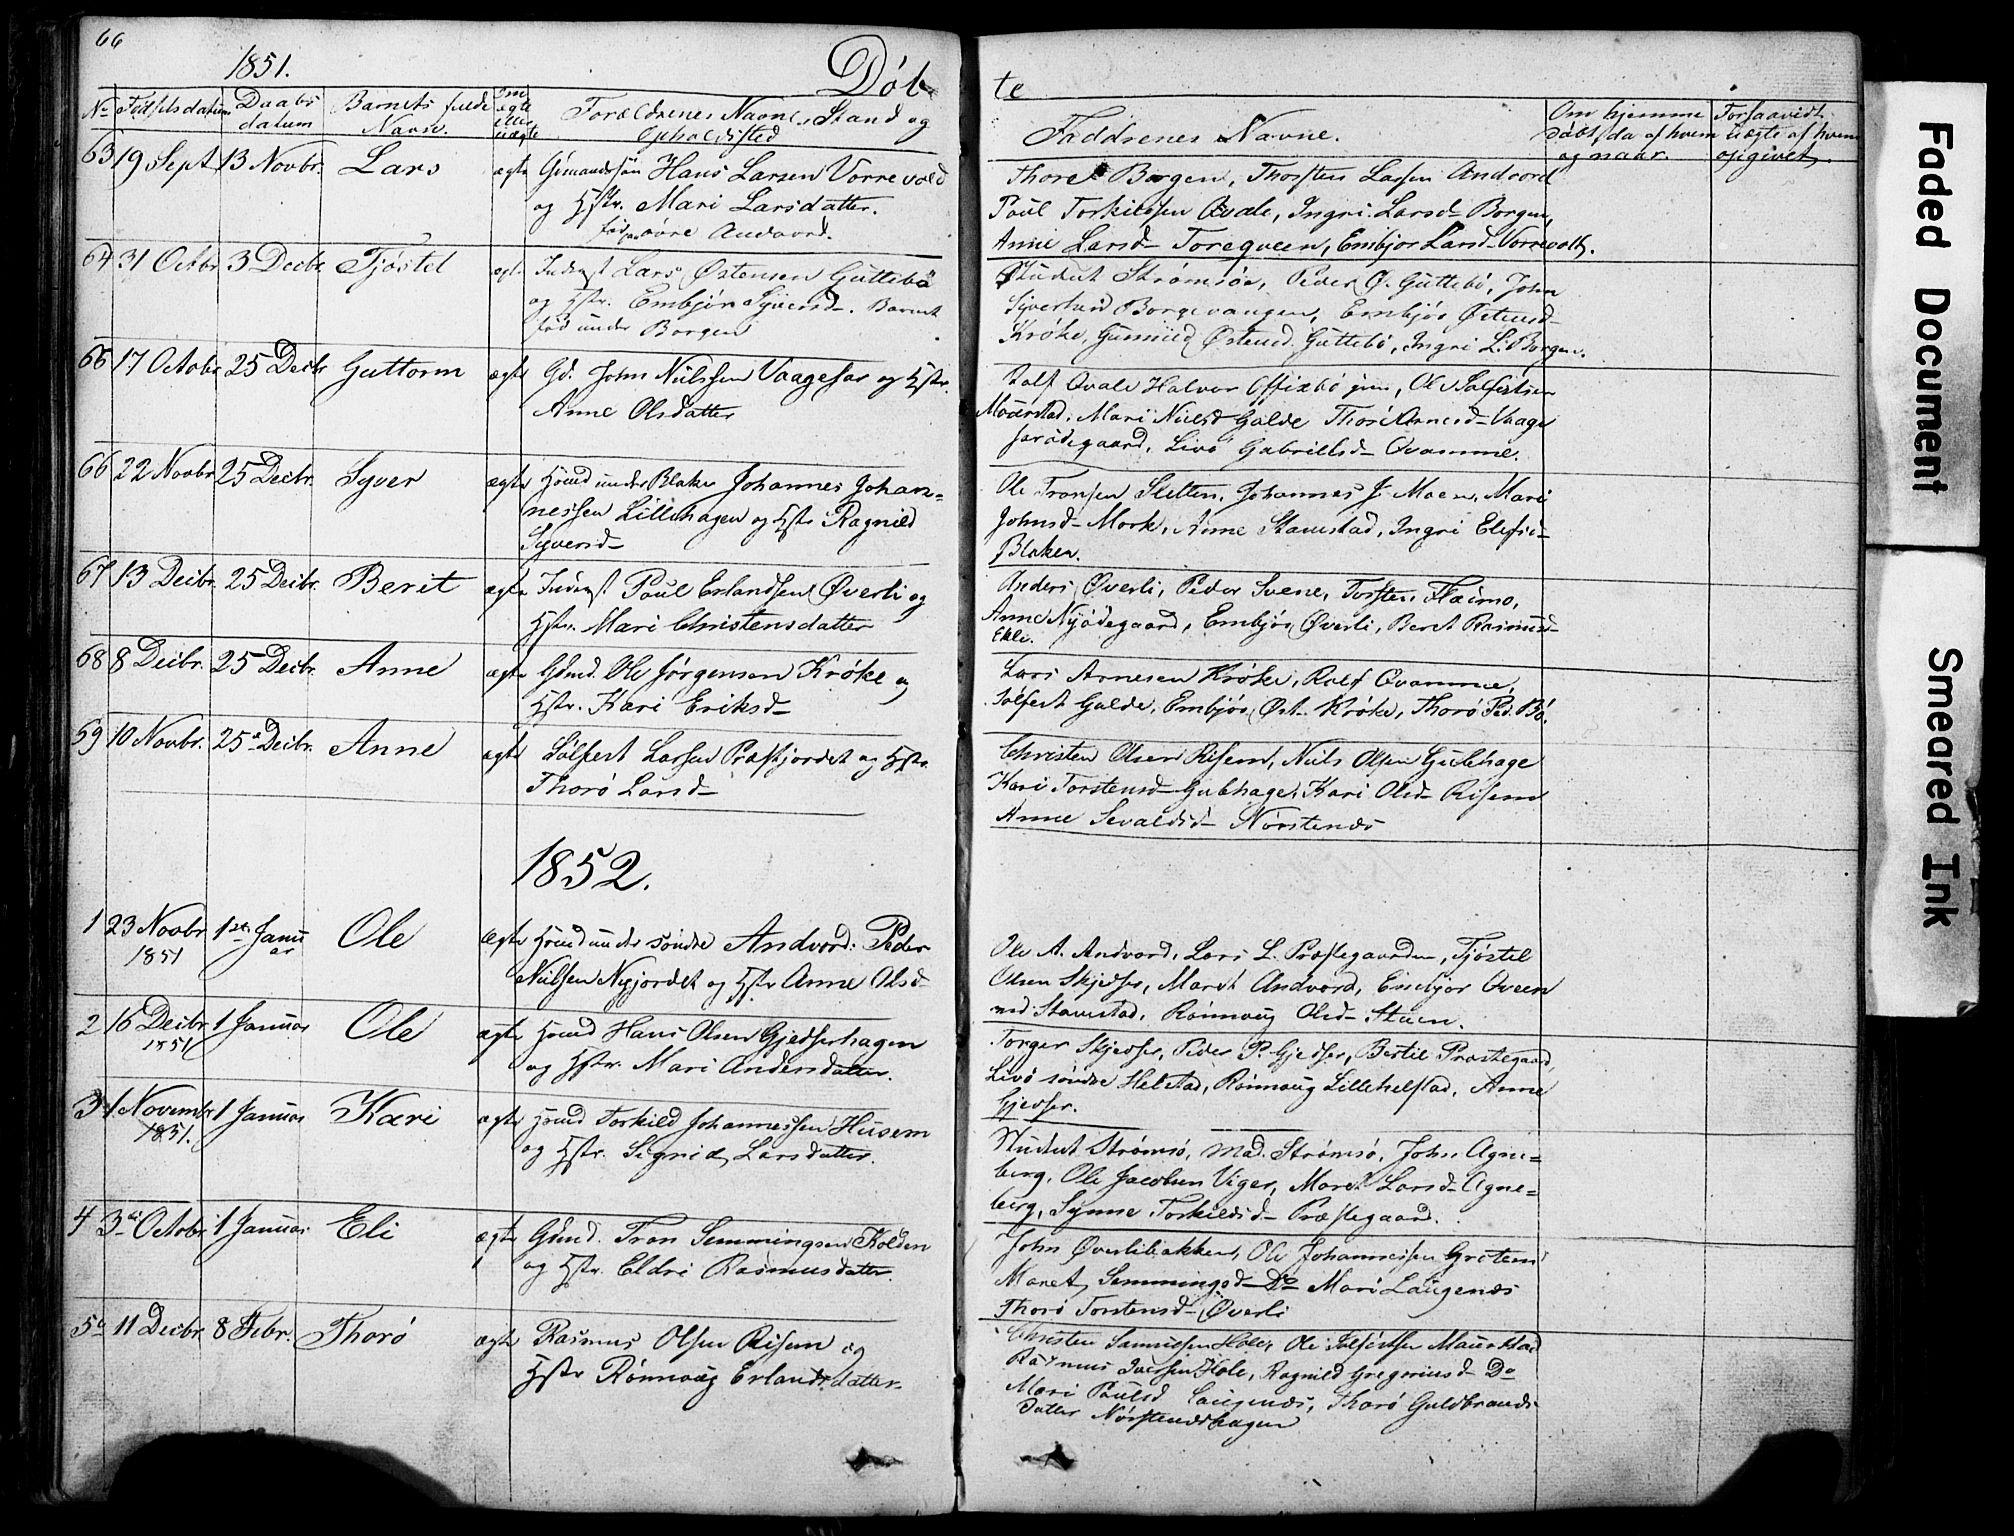 SAH, Lom prestekontor, L/L0012: Klokkerbok nr. 12, 1845-1873, s. 66-67